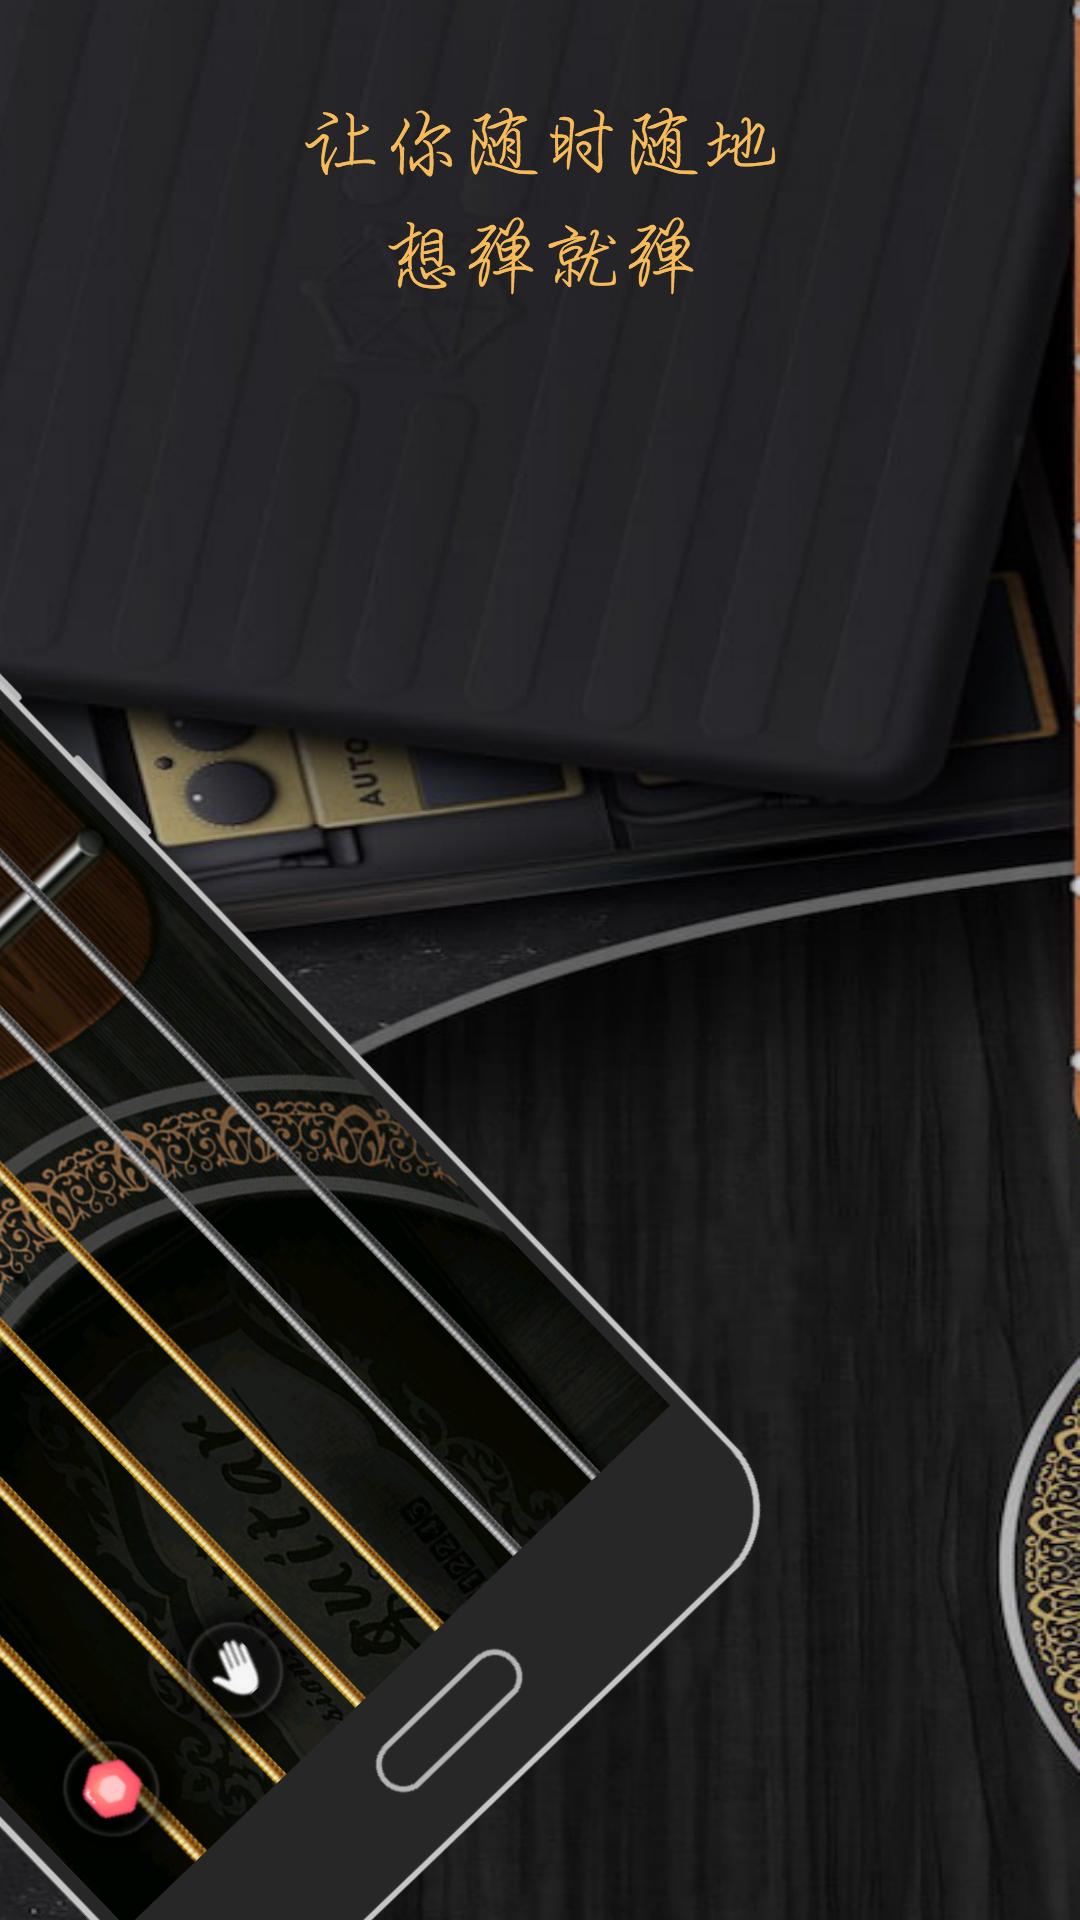 吉他模拟器截图(2)